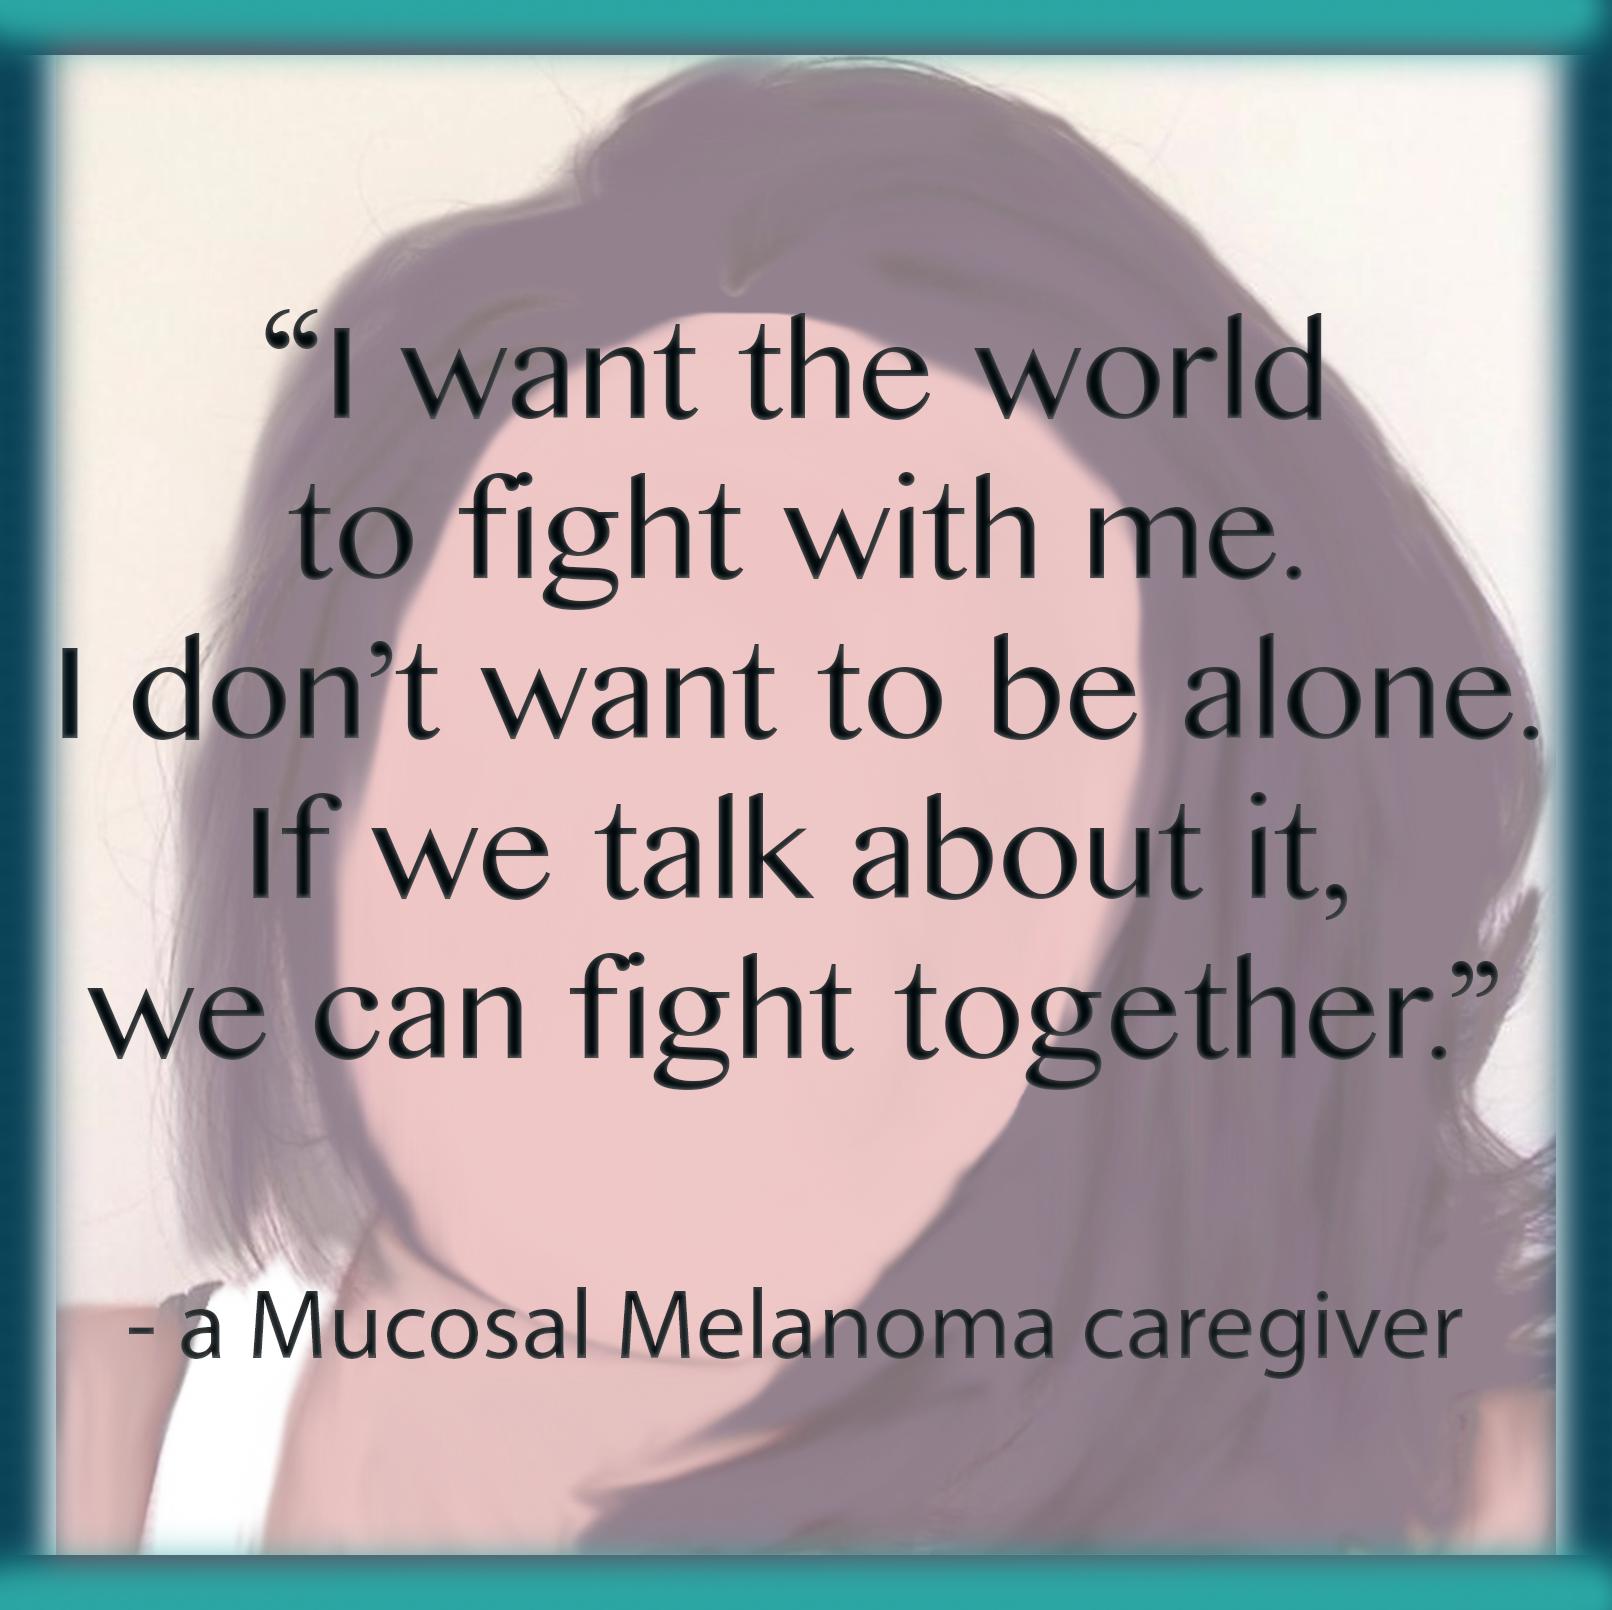 Myeloma Caregiver